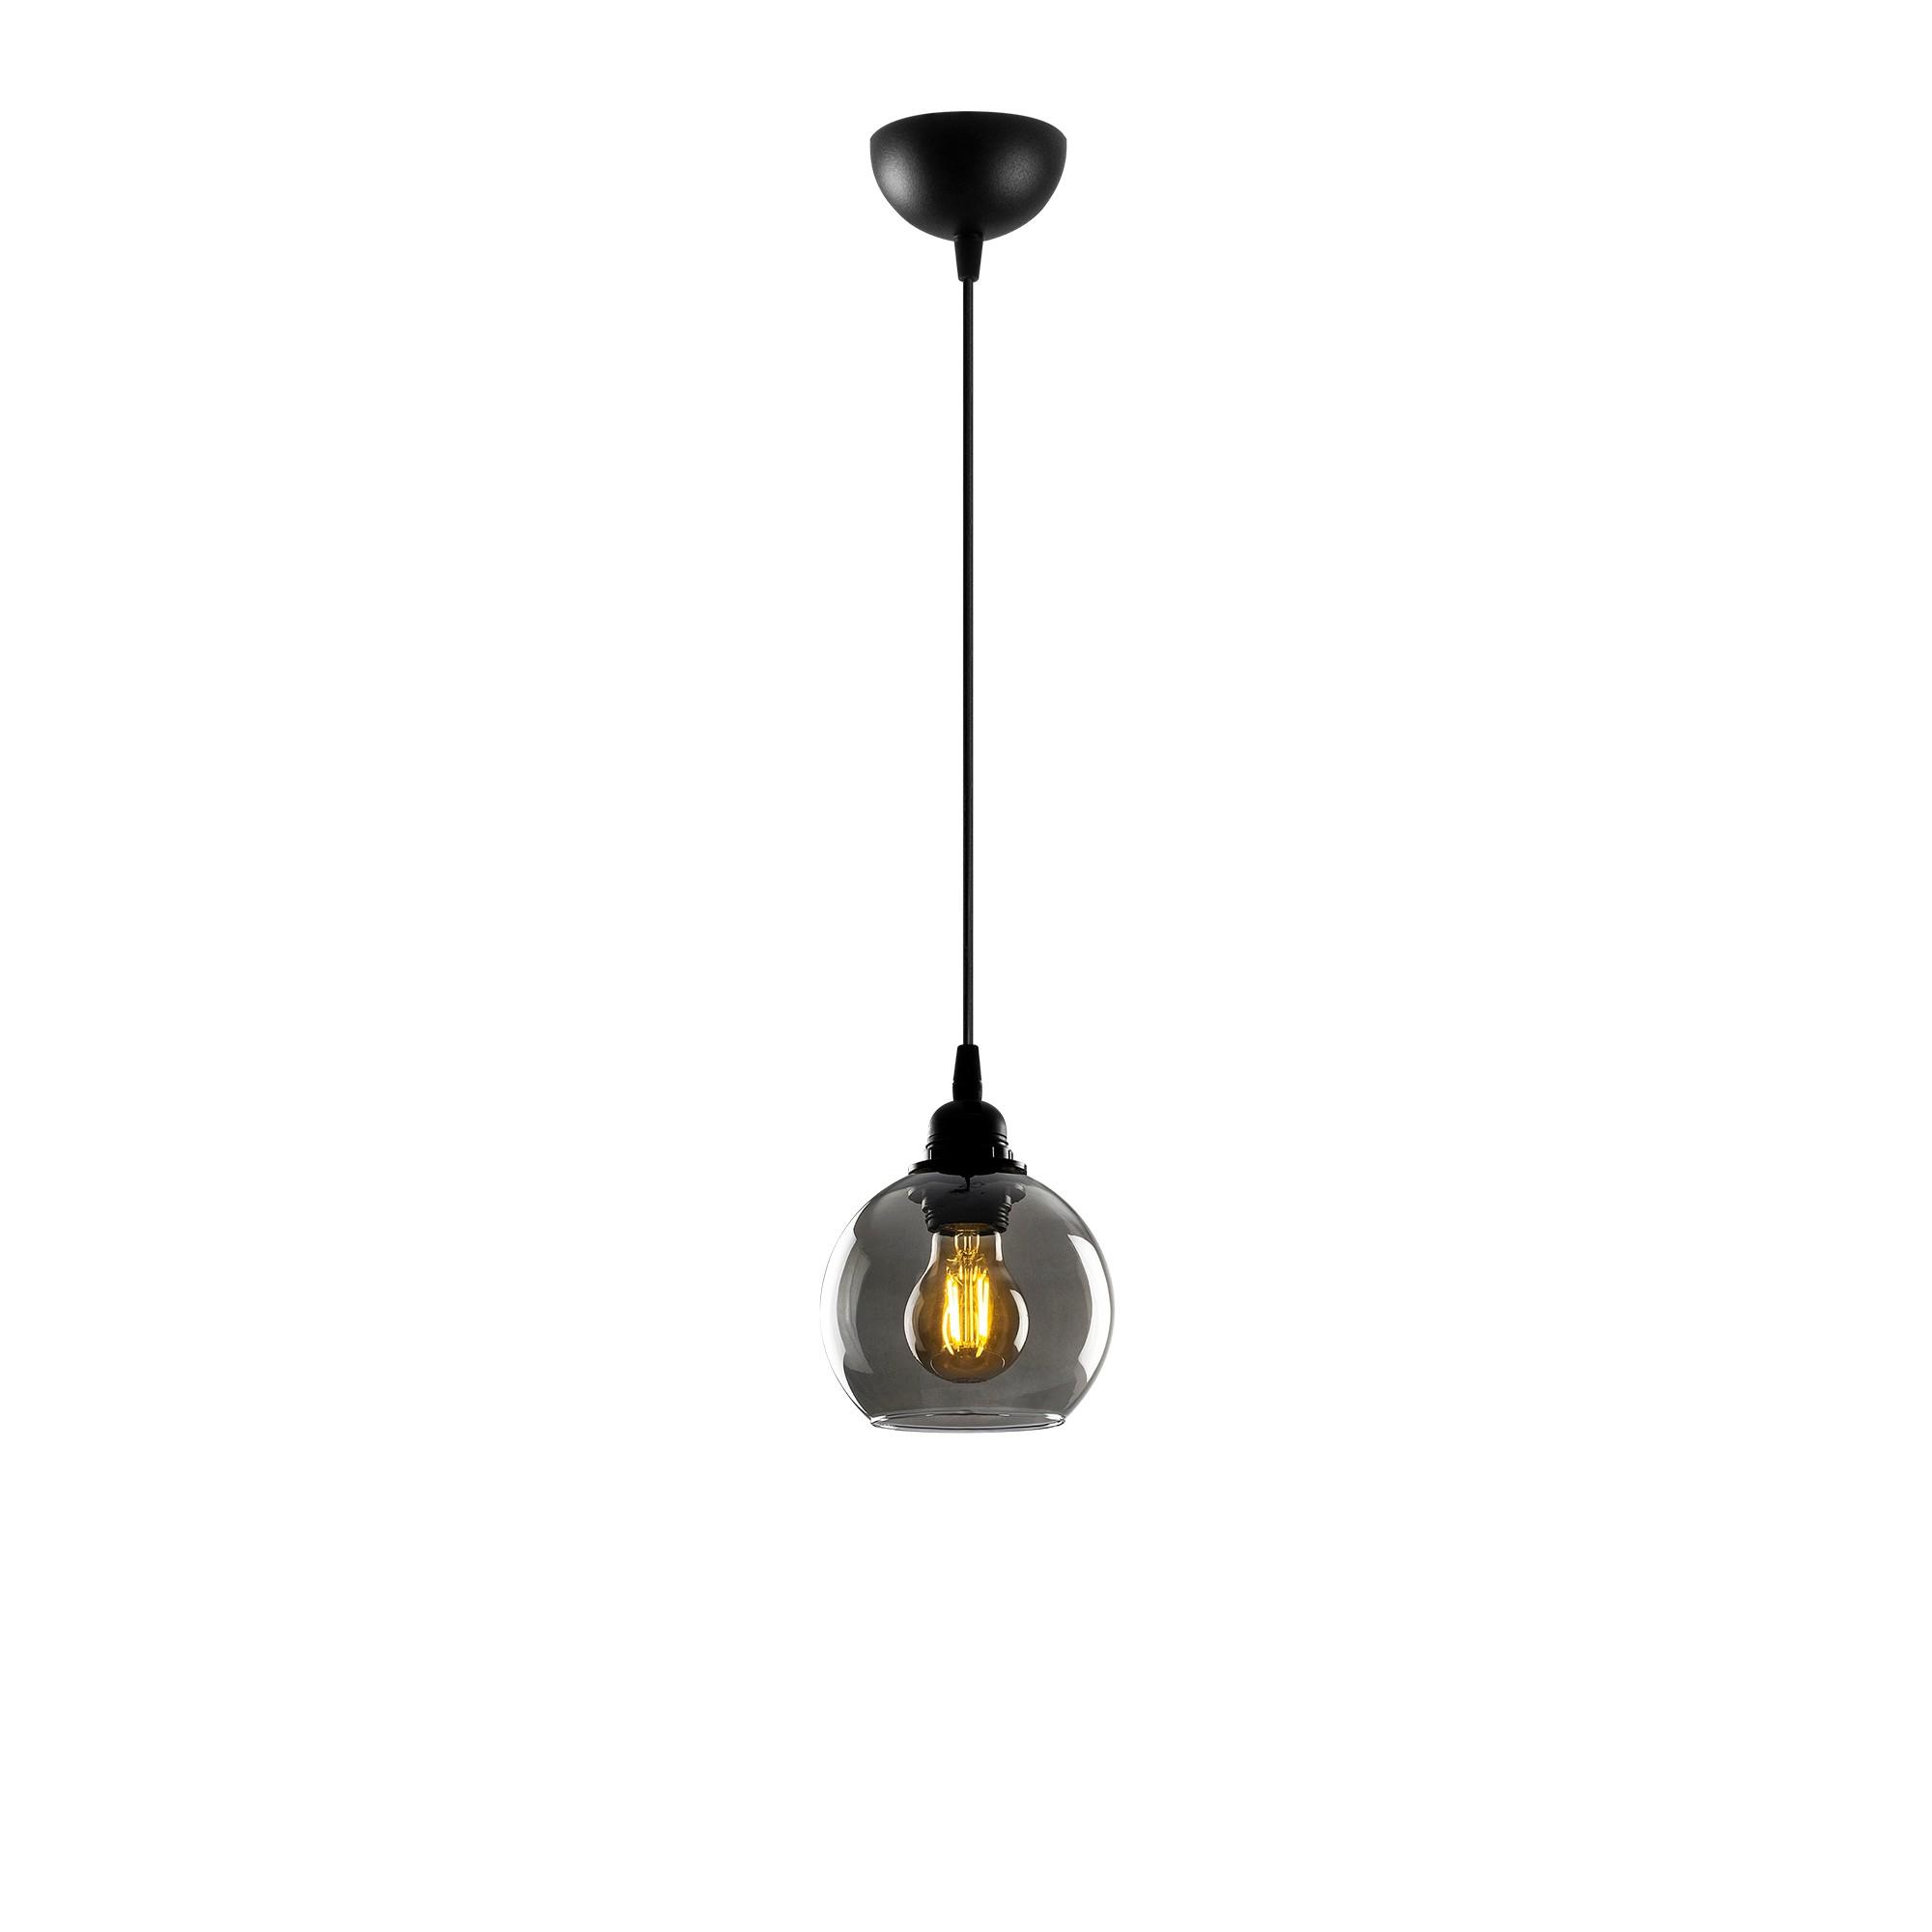 Hanglamp gerookt glas zwart 1 x E27 fitting - vooraanzicht lamp aan